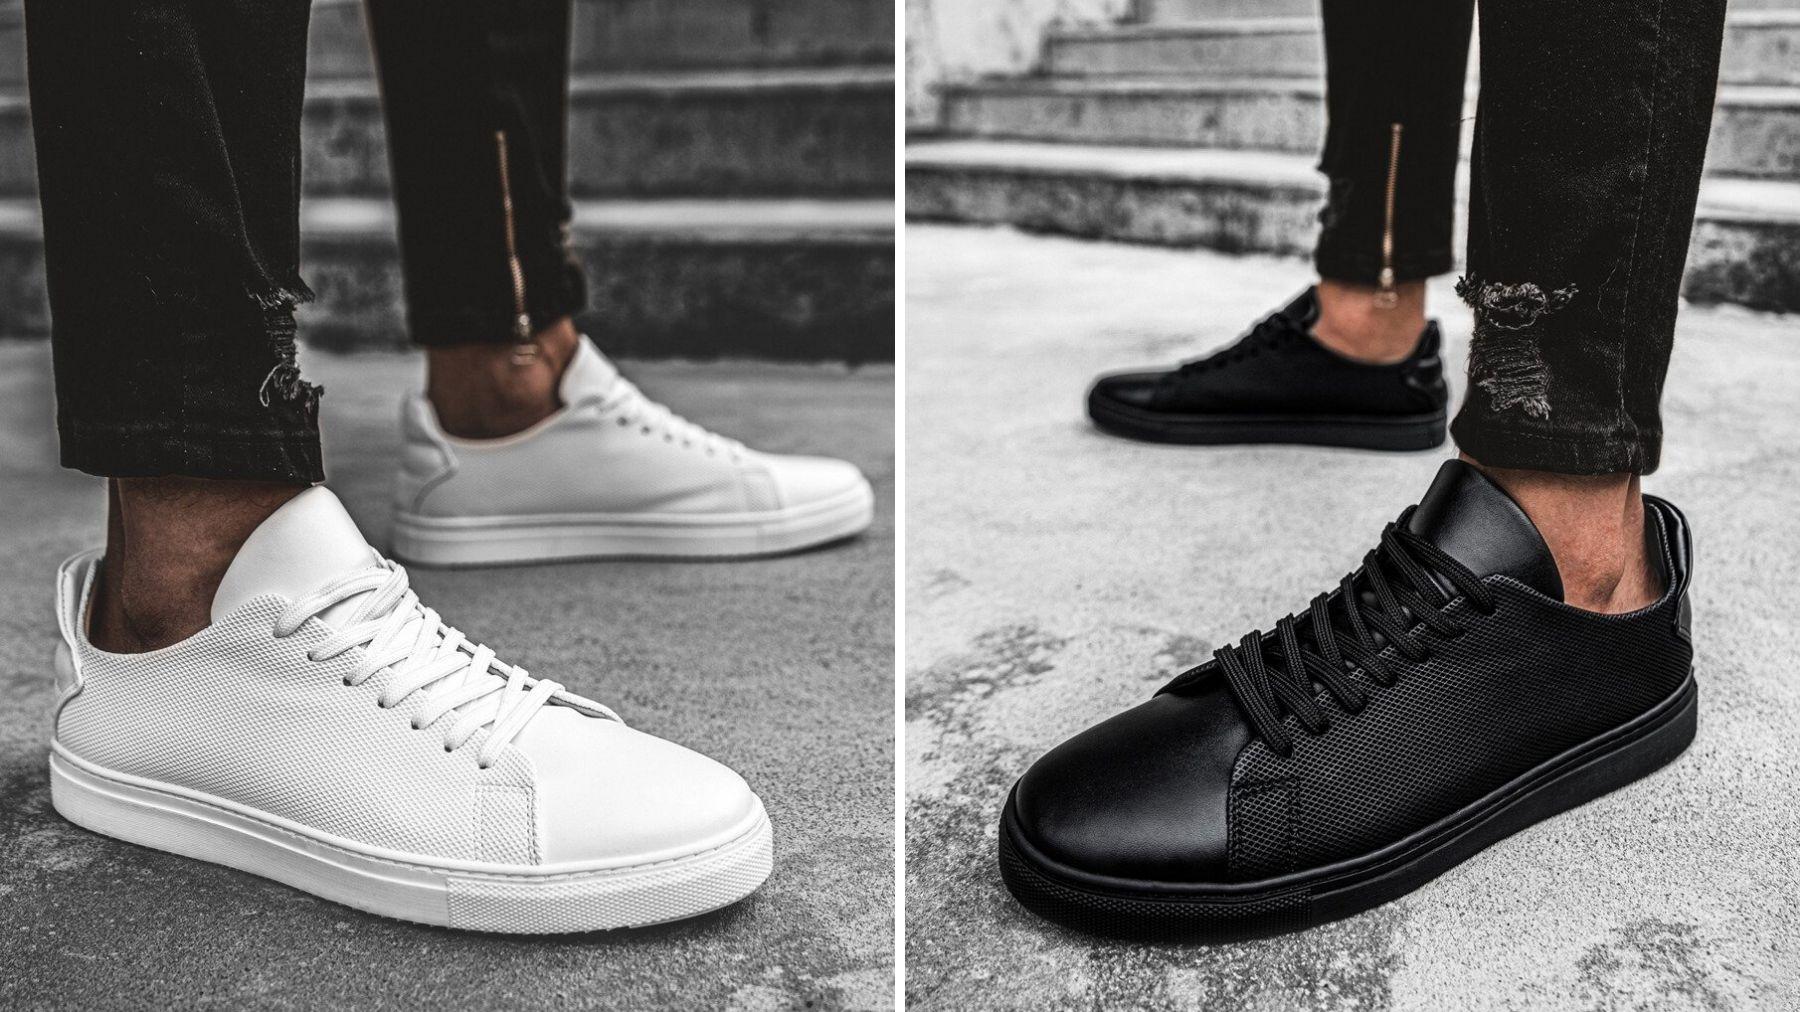 Czarne czy białe sneakersy? Jakie wybrać?